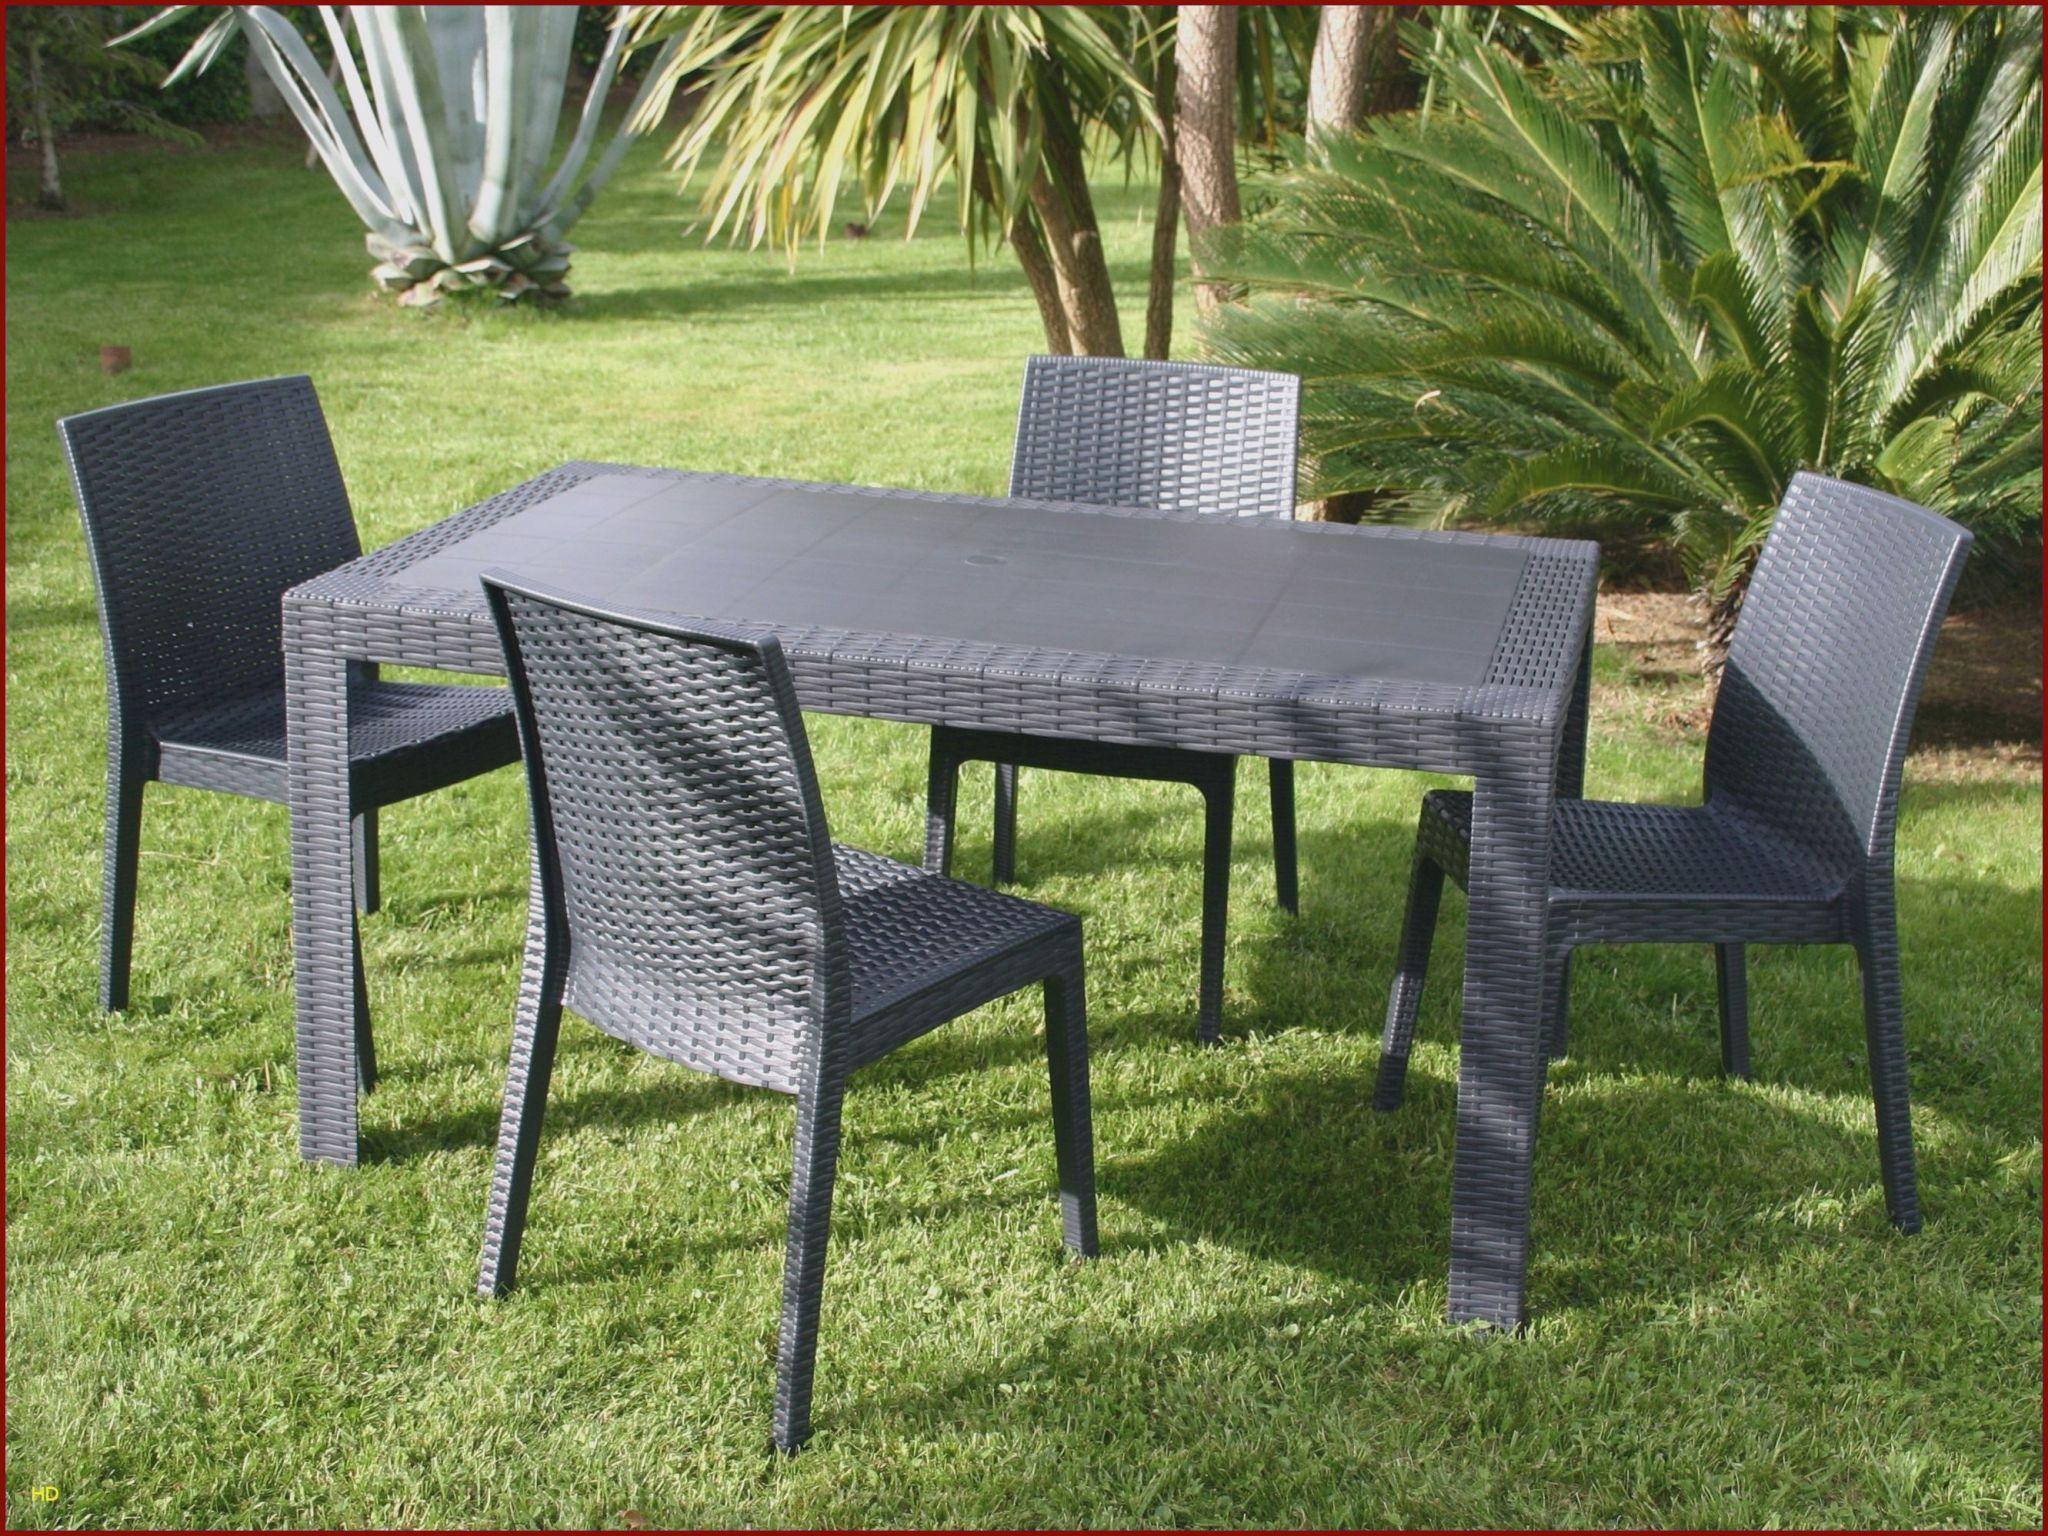 Table Exterieur En Bois Élégant Chaises Luxe Chaise Ice 0d Table Jardin Resine Lovely